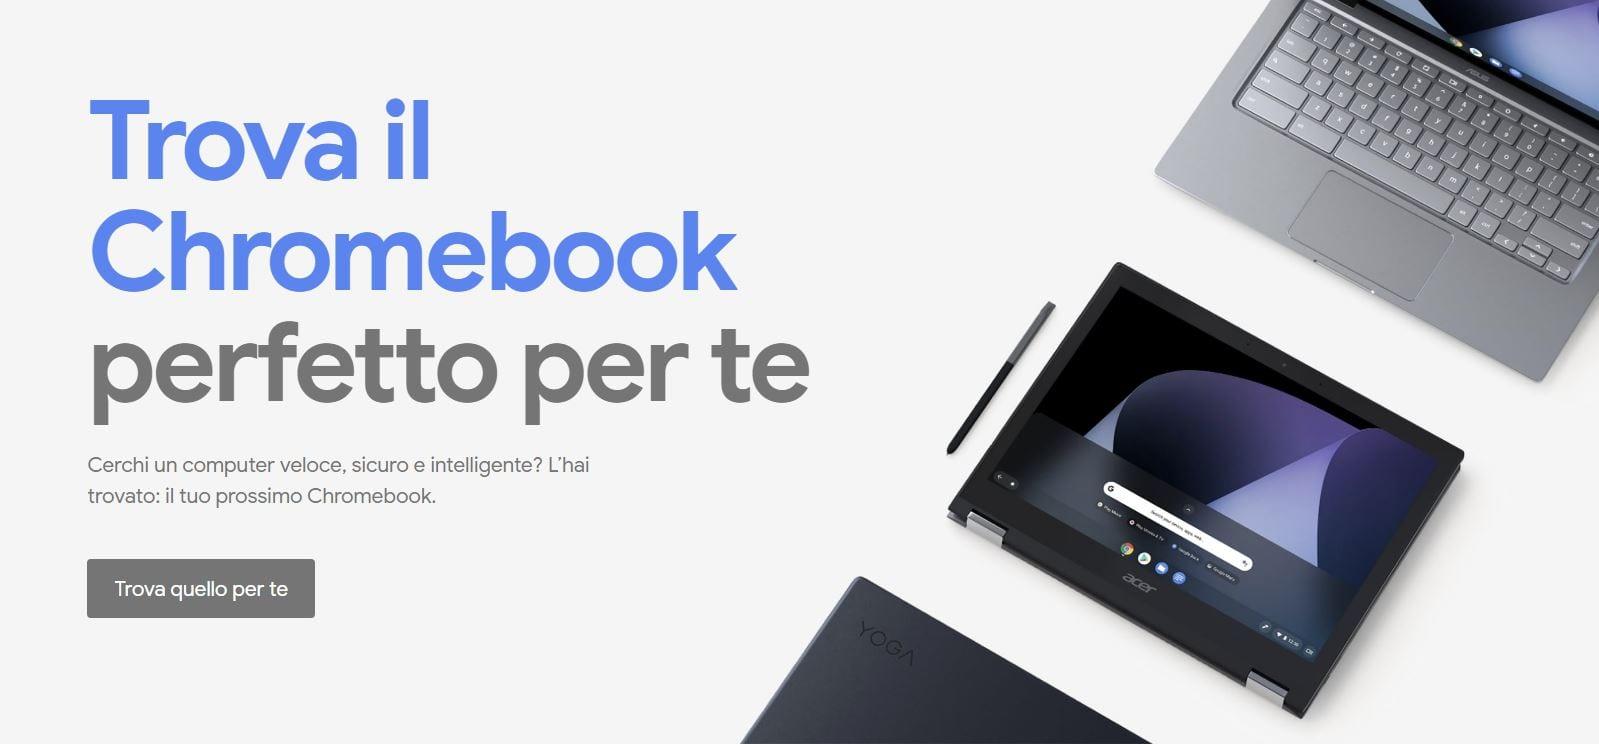 Chromebook, finalmente lo store online apre anche in Italia